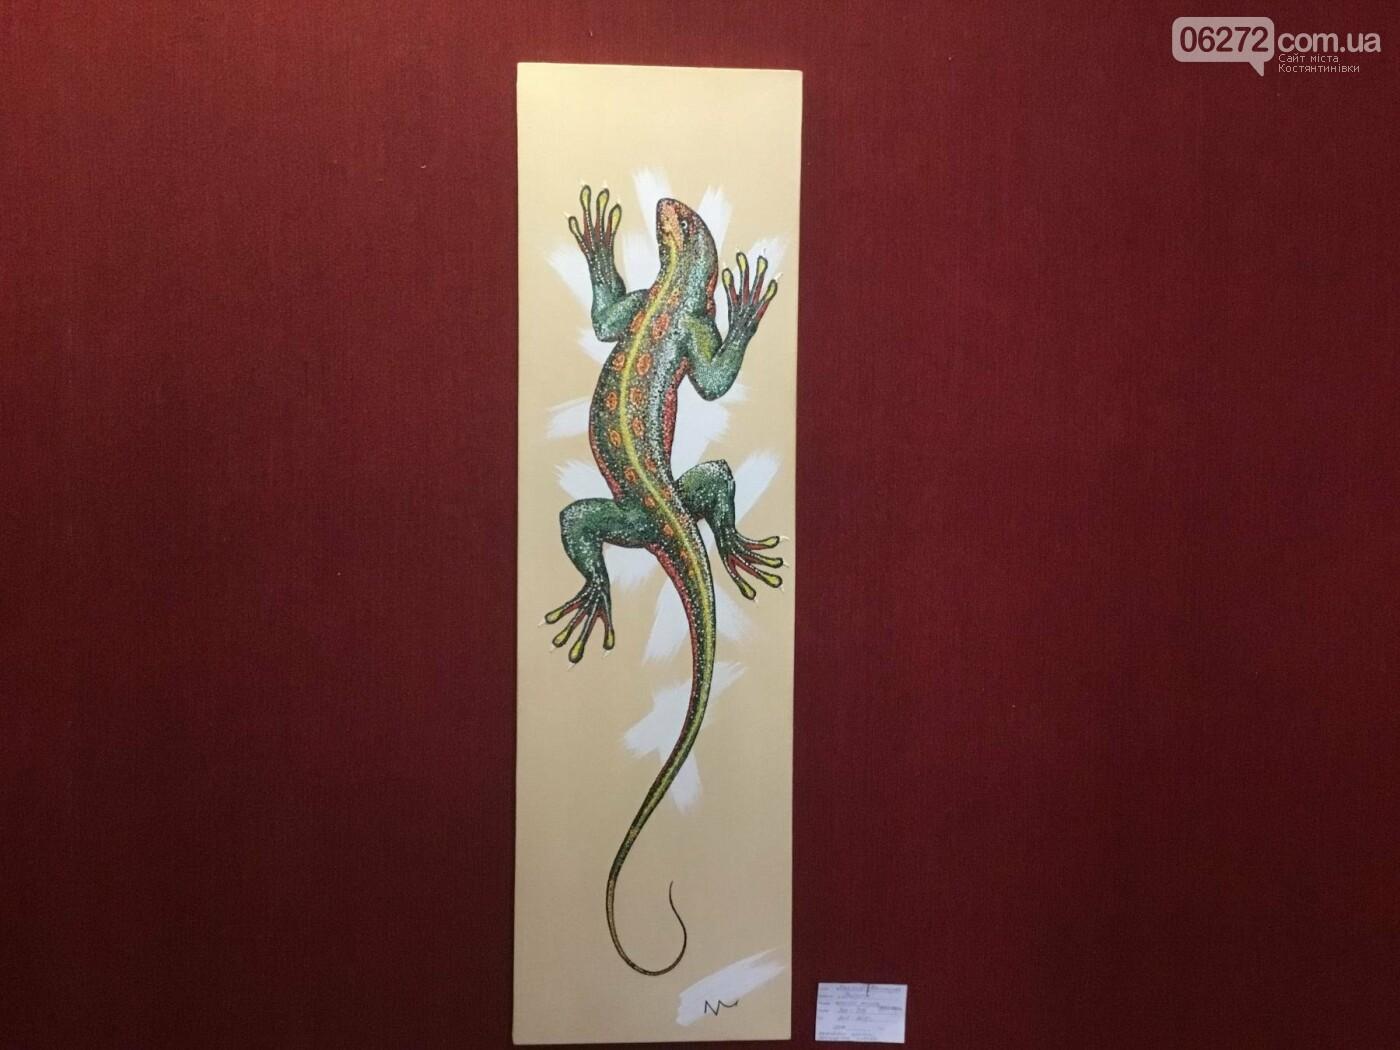 В Константиновке открылась выставка свободного художника, фото-5